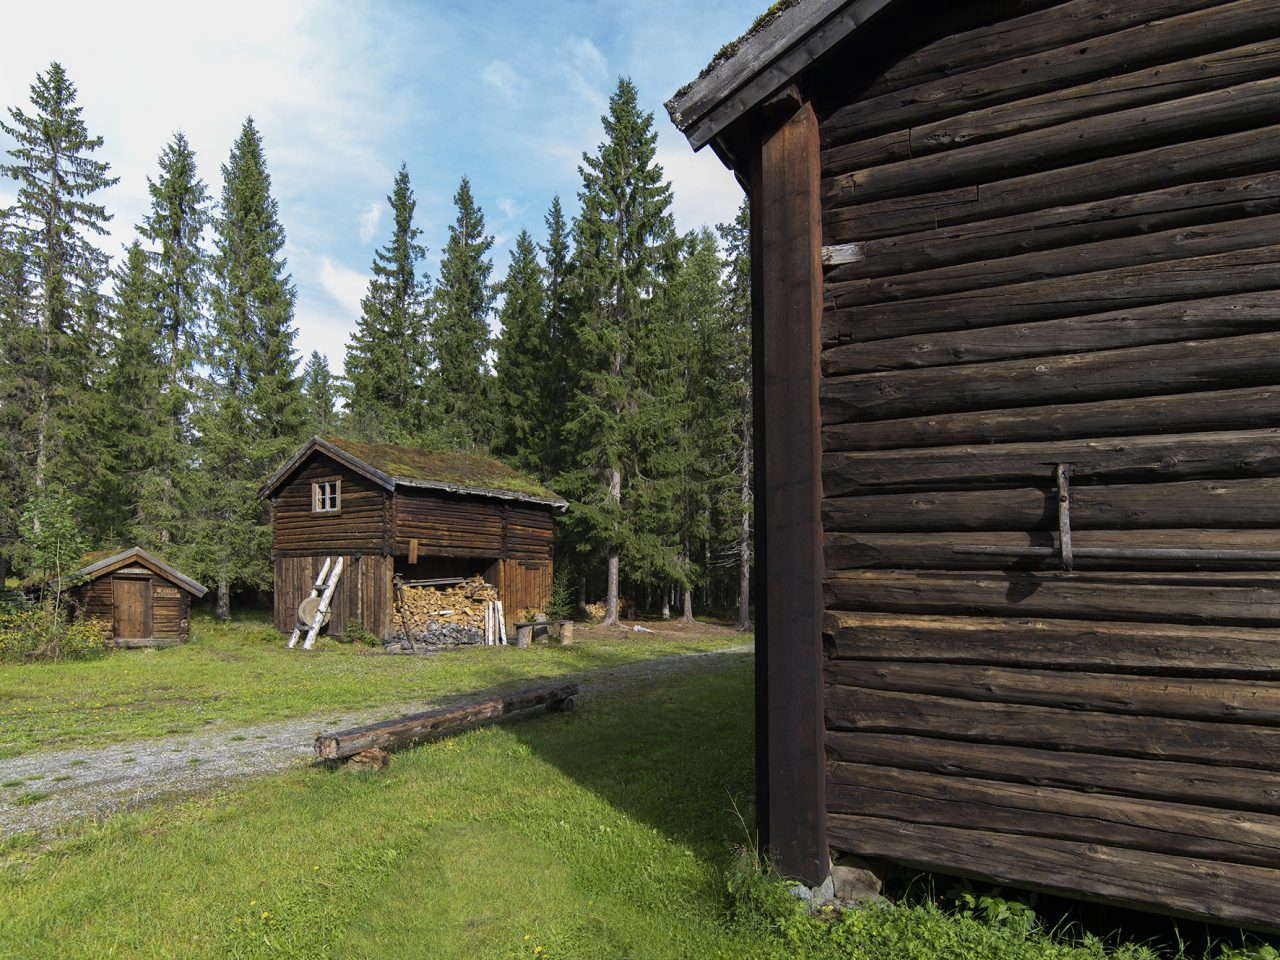 Eldre hus på Grane bygdetun